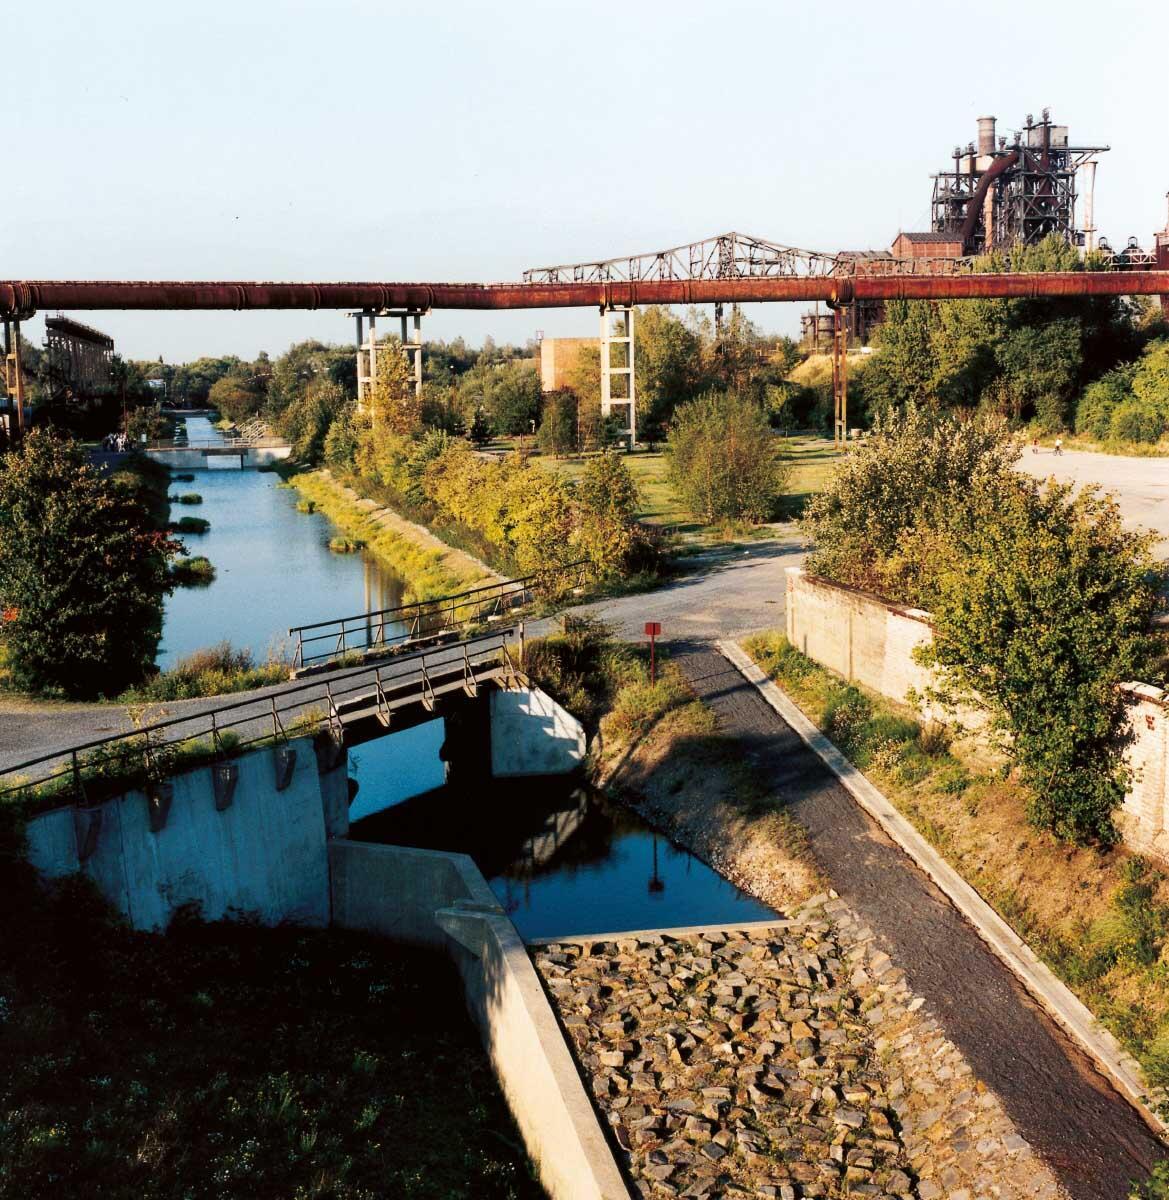 Der Fluss Emscher, einst ein Abwasserkanal, durch die IBA rehabilitiert und als Flussraum erlebbar gemacht. Bild: Peter Liedtke